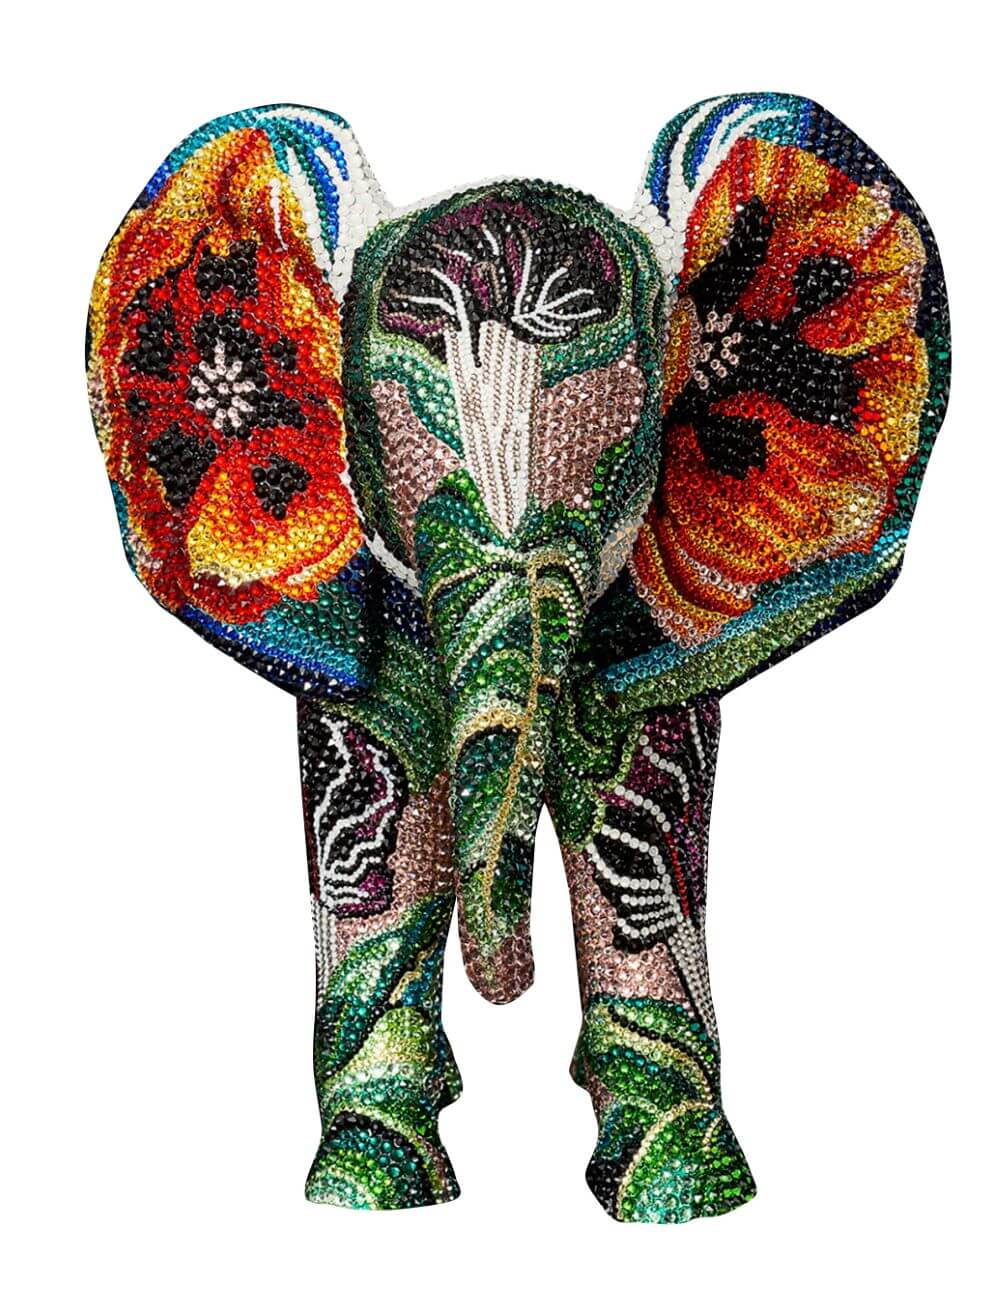 Elephant Burning Desire